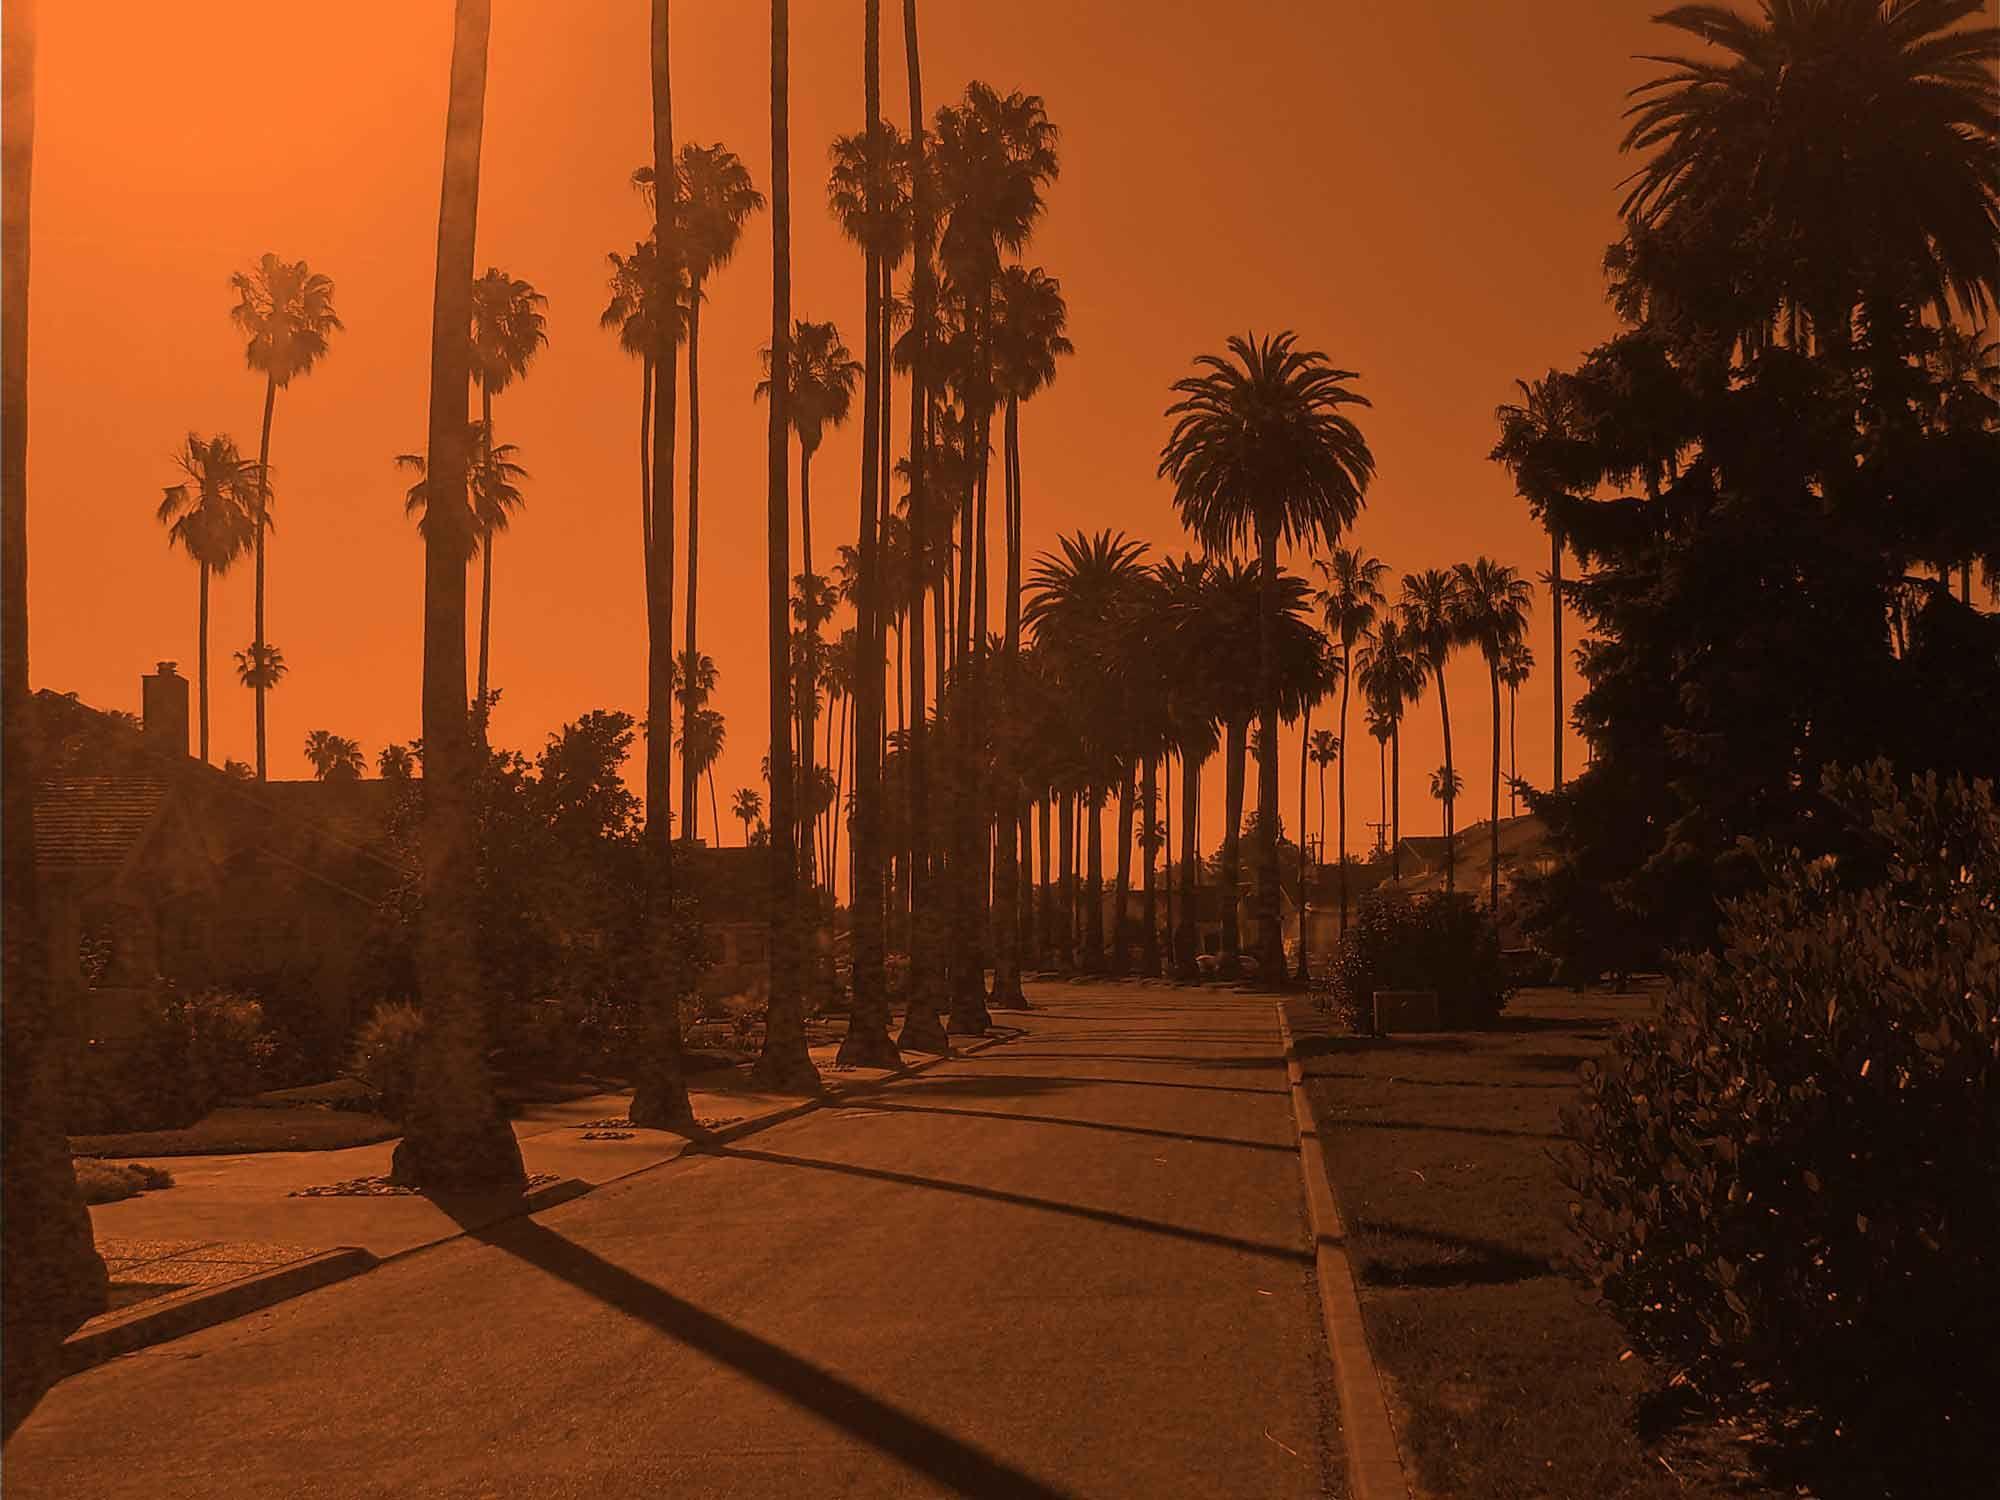 Creepy La Los Angeles Halloween In